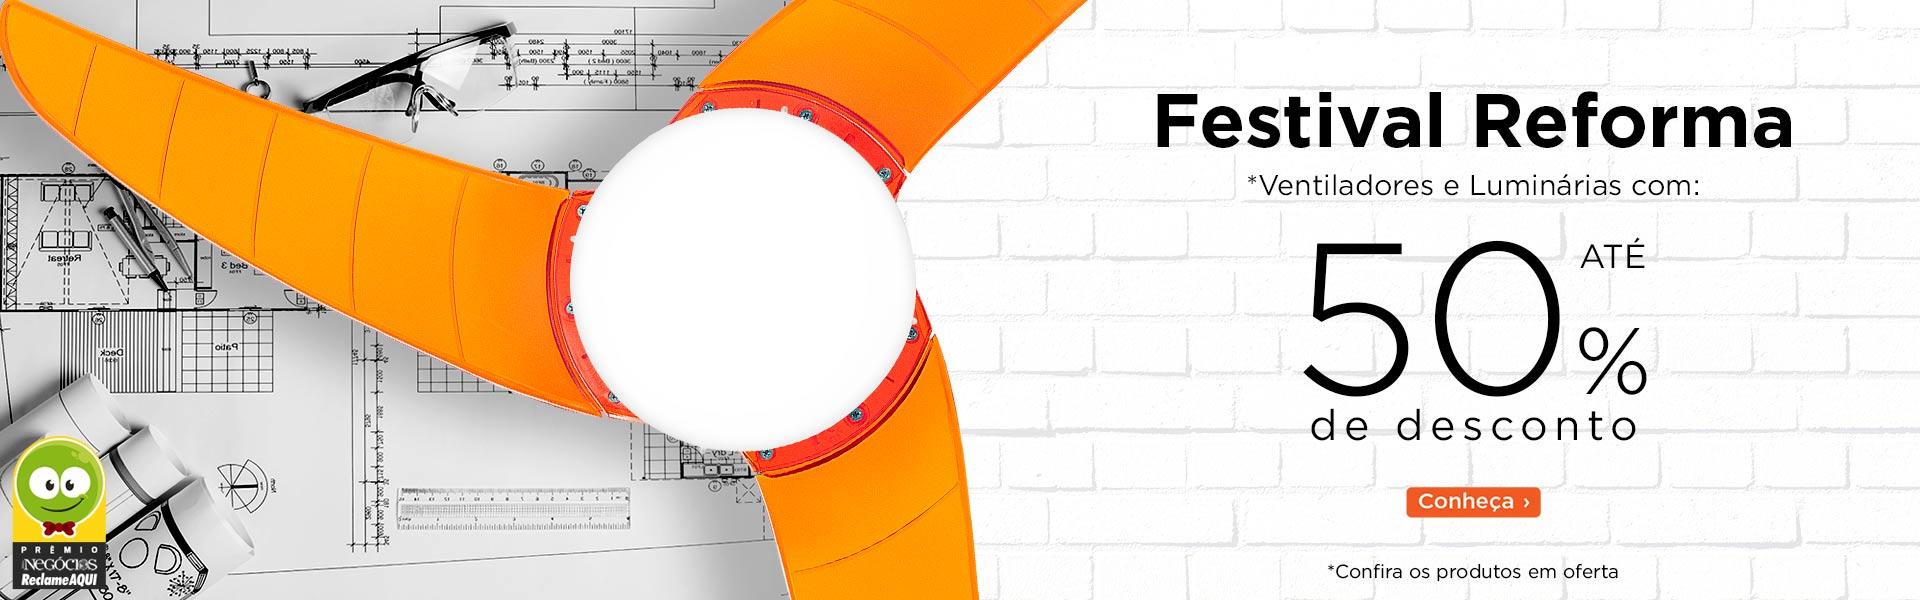 Festival Reforma - 20% de Desconto